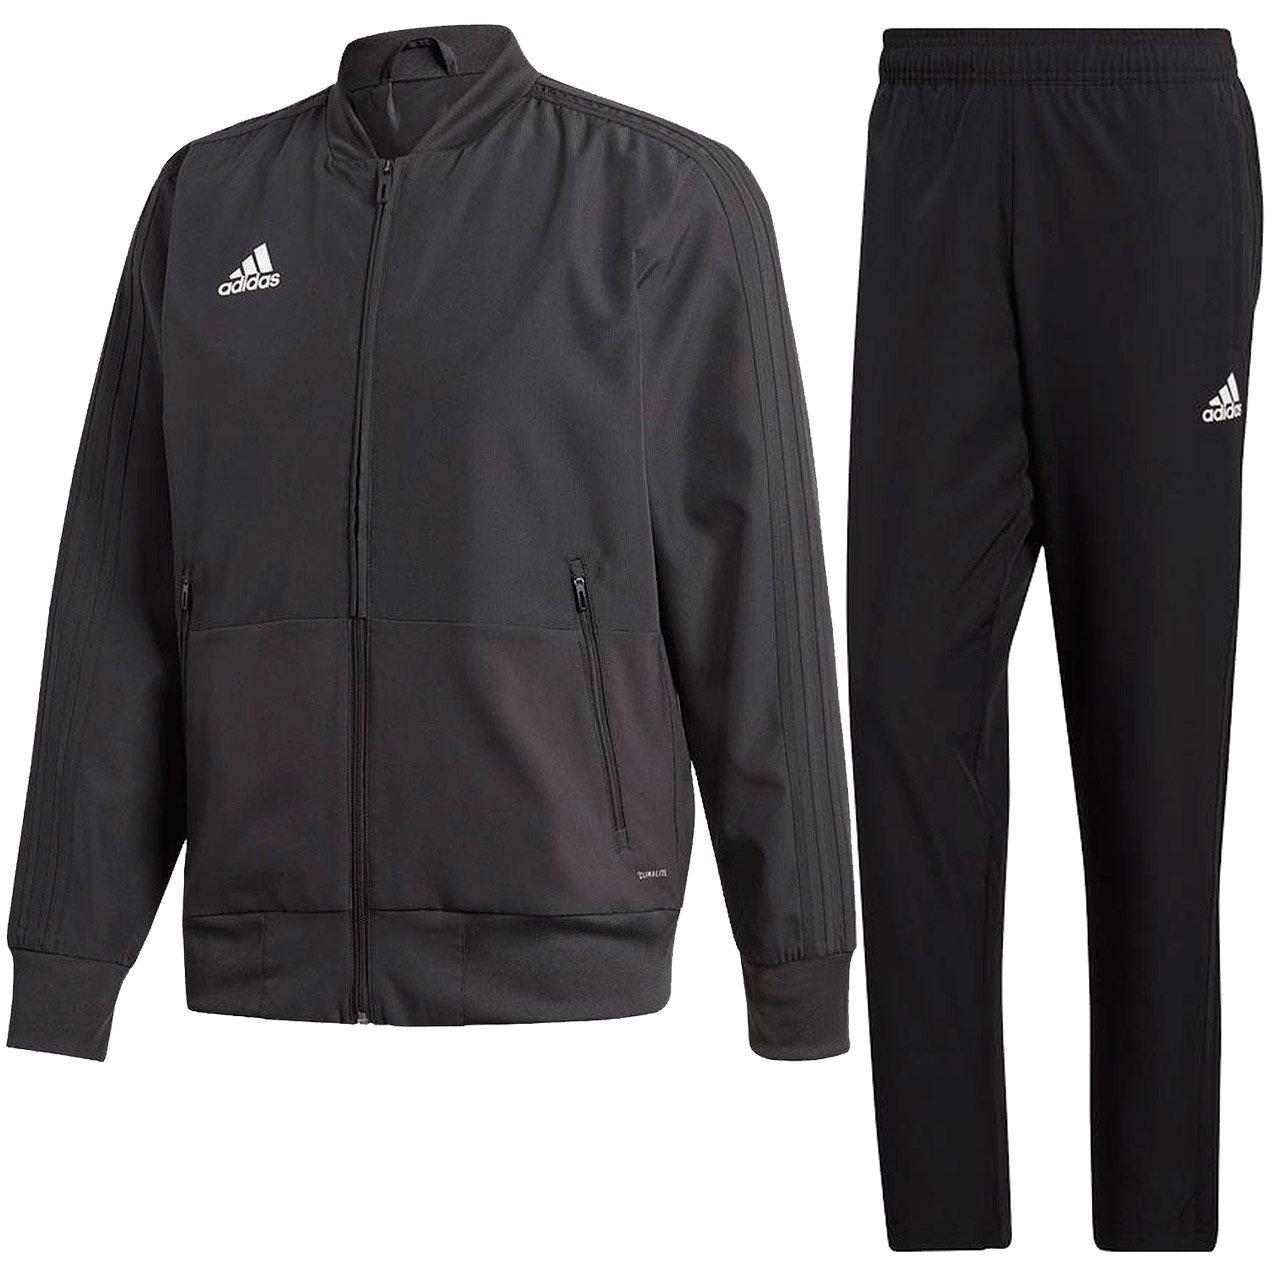 アディダス(adidas) CONDIVO18 プレゼンテーションジャケット & パンツ 上下セット(ブラック/ブラック) DJV60-CF4305-DJV28-CF4316 B079JH5CHR 日本 J/S-(日本サイズS相当)|ブラック/ブラック ブラック/ブラック 日本 J/S-(日本サイズS相当)